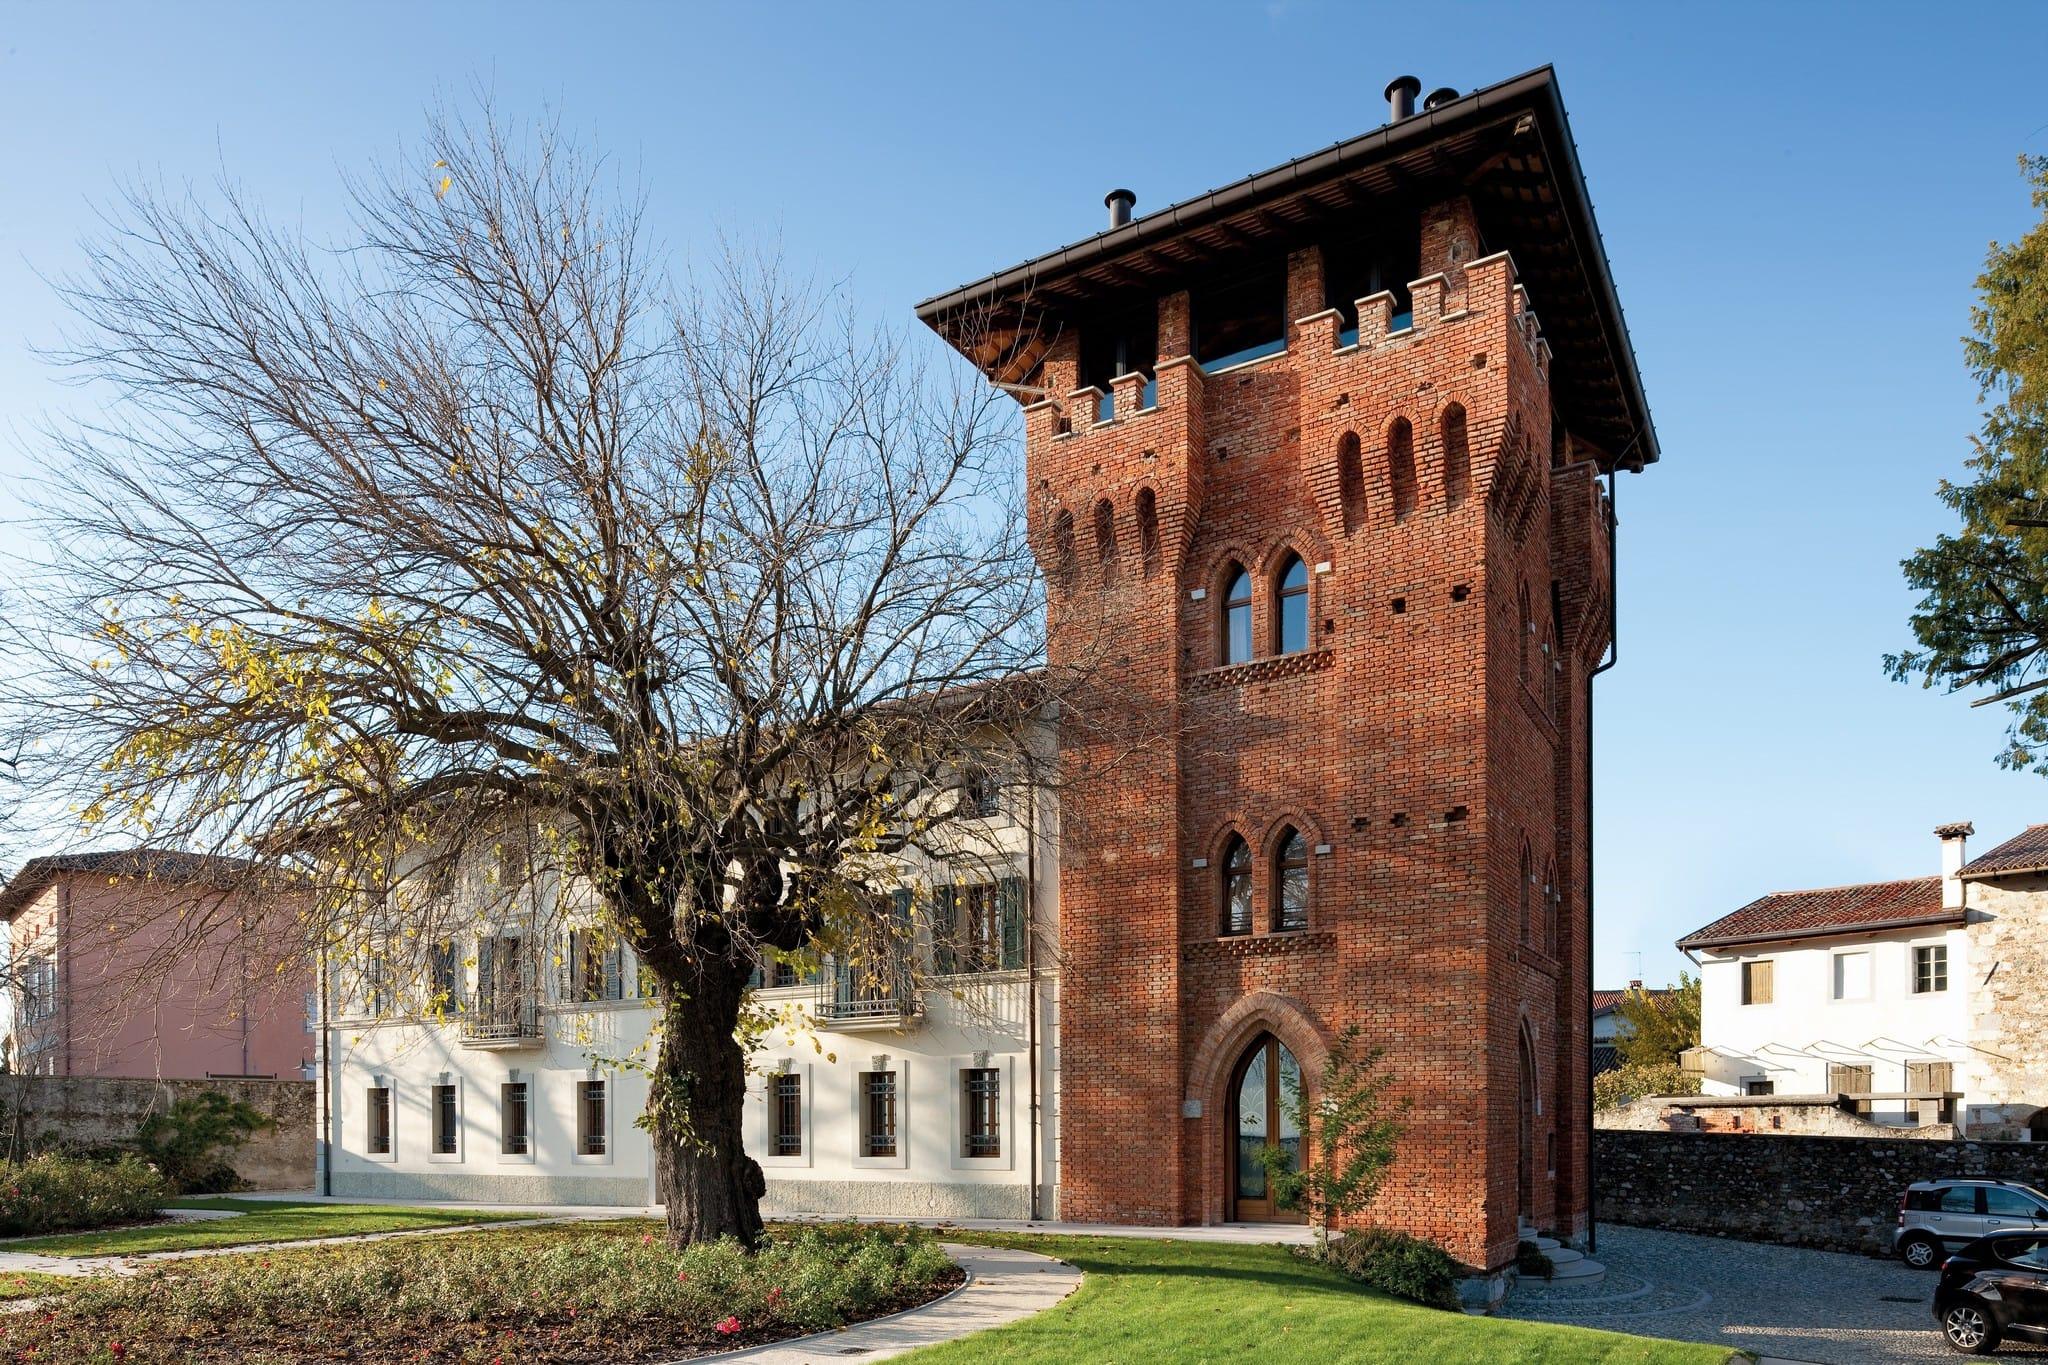 Il restauro di edifici antichi e opere di culto è il fiore all'occhiello dell'impresa Del Bianco costruzioni